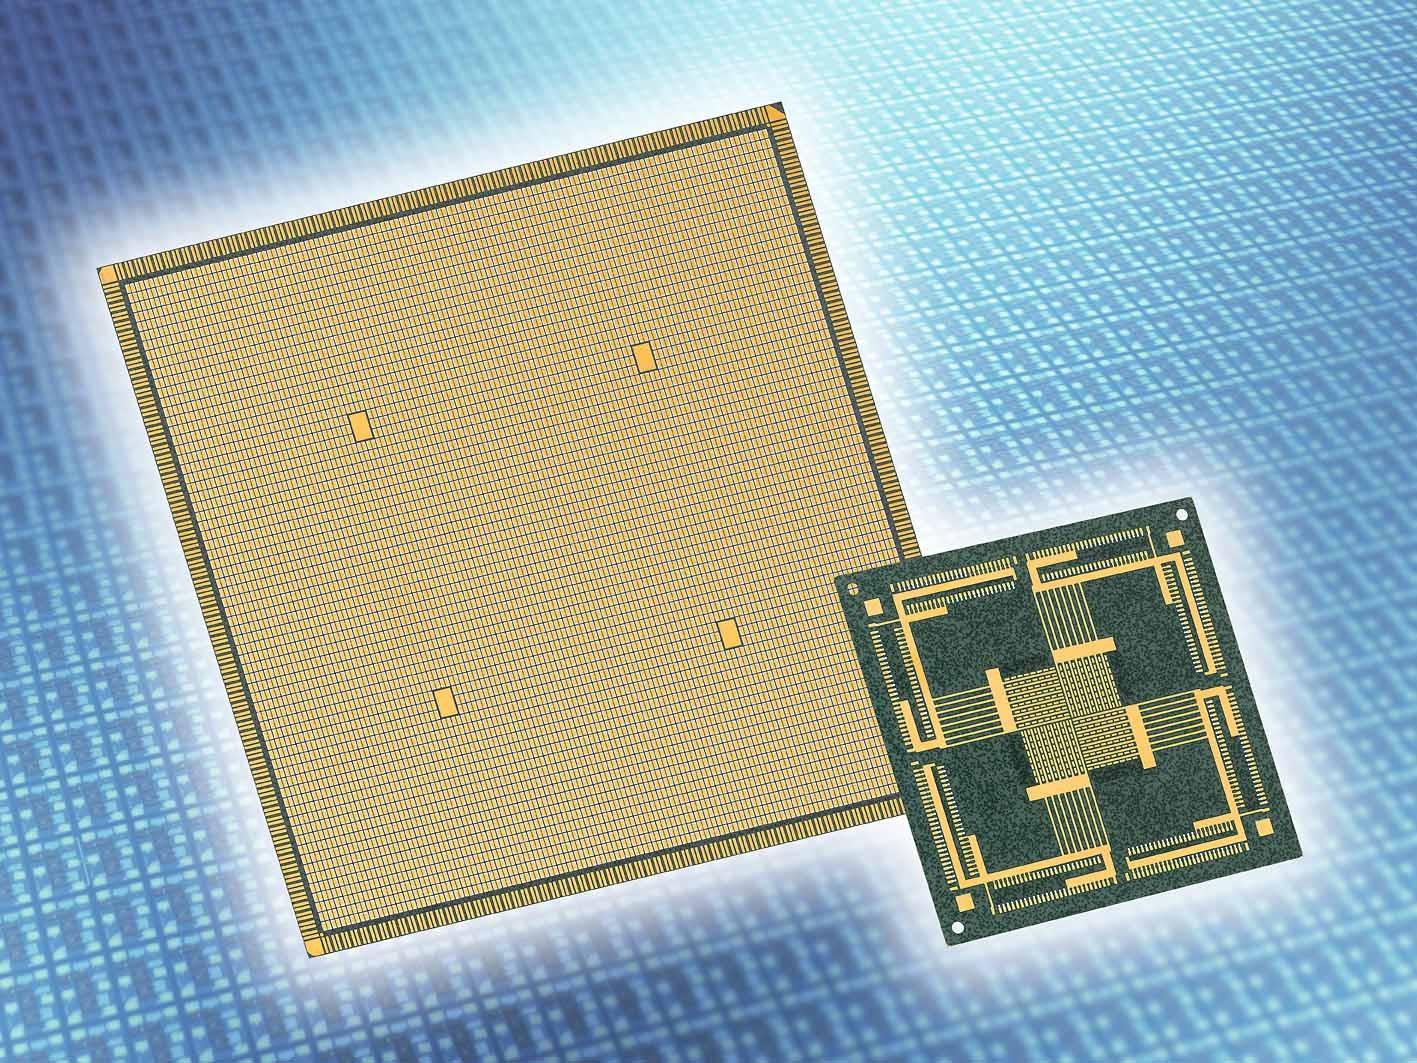 CeraPad:集成ESD保护功能的超薄基板